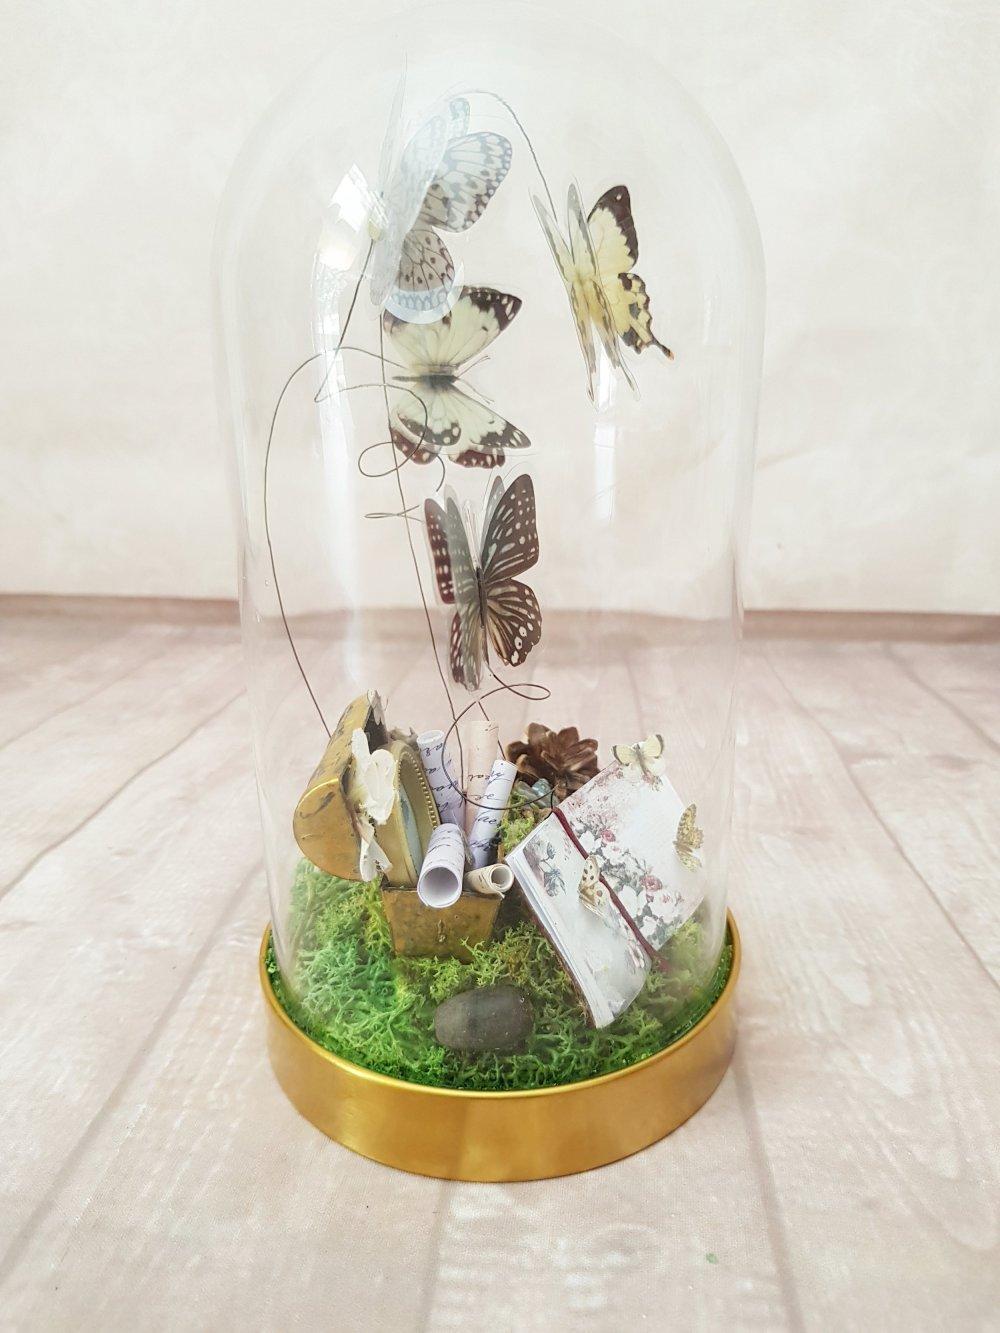 Cabinet cloche sous verre forme dôme thème papillon nature forêt cabinet curiosité saison printemps papillon exotique taxidermie